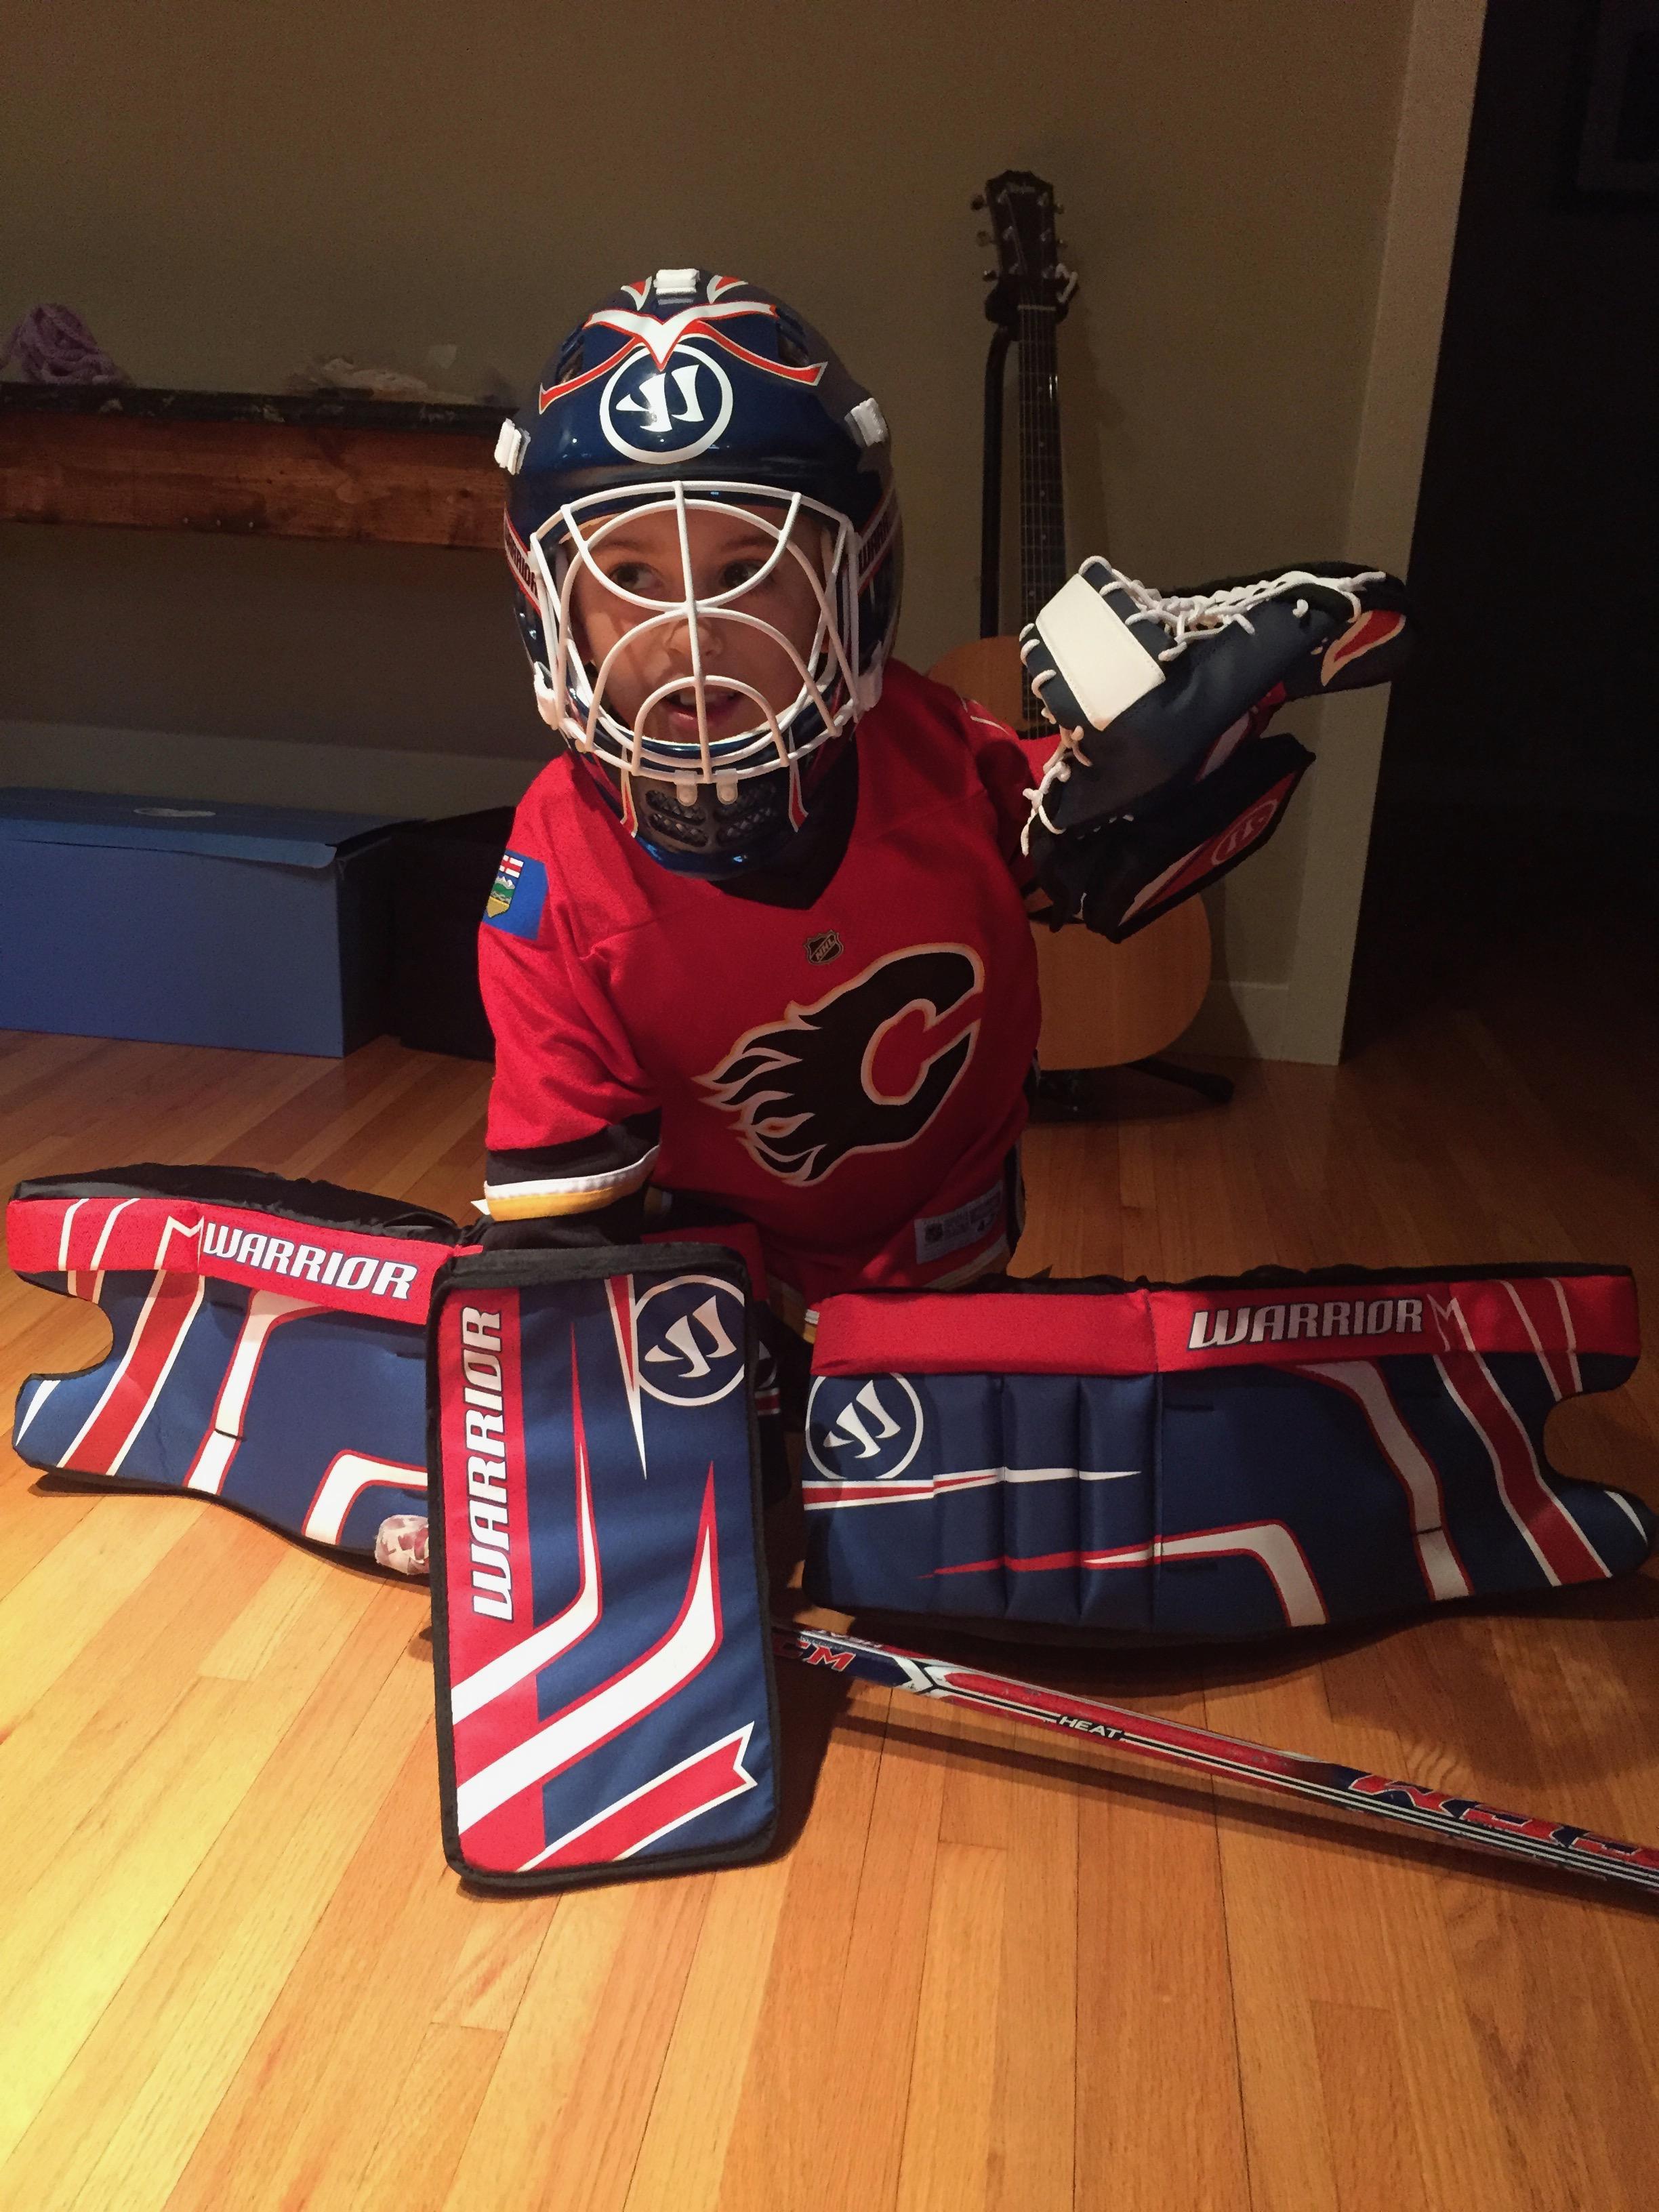 Ben's birthday goalie gear.